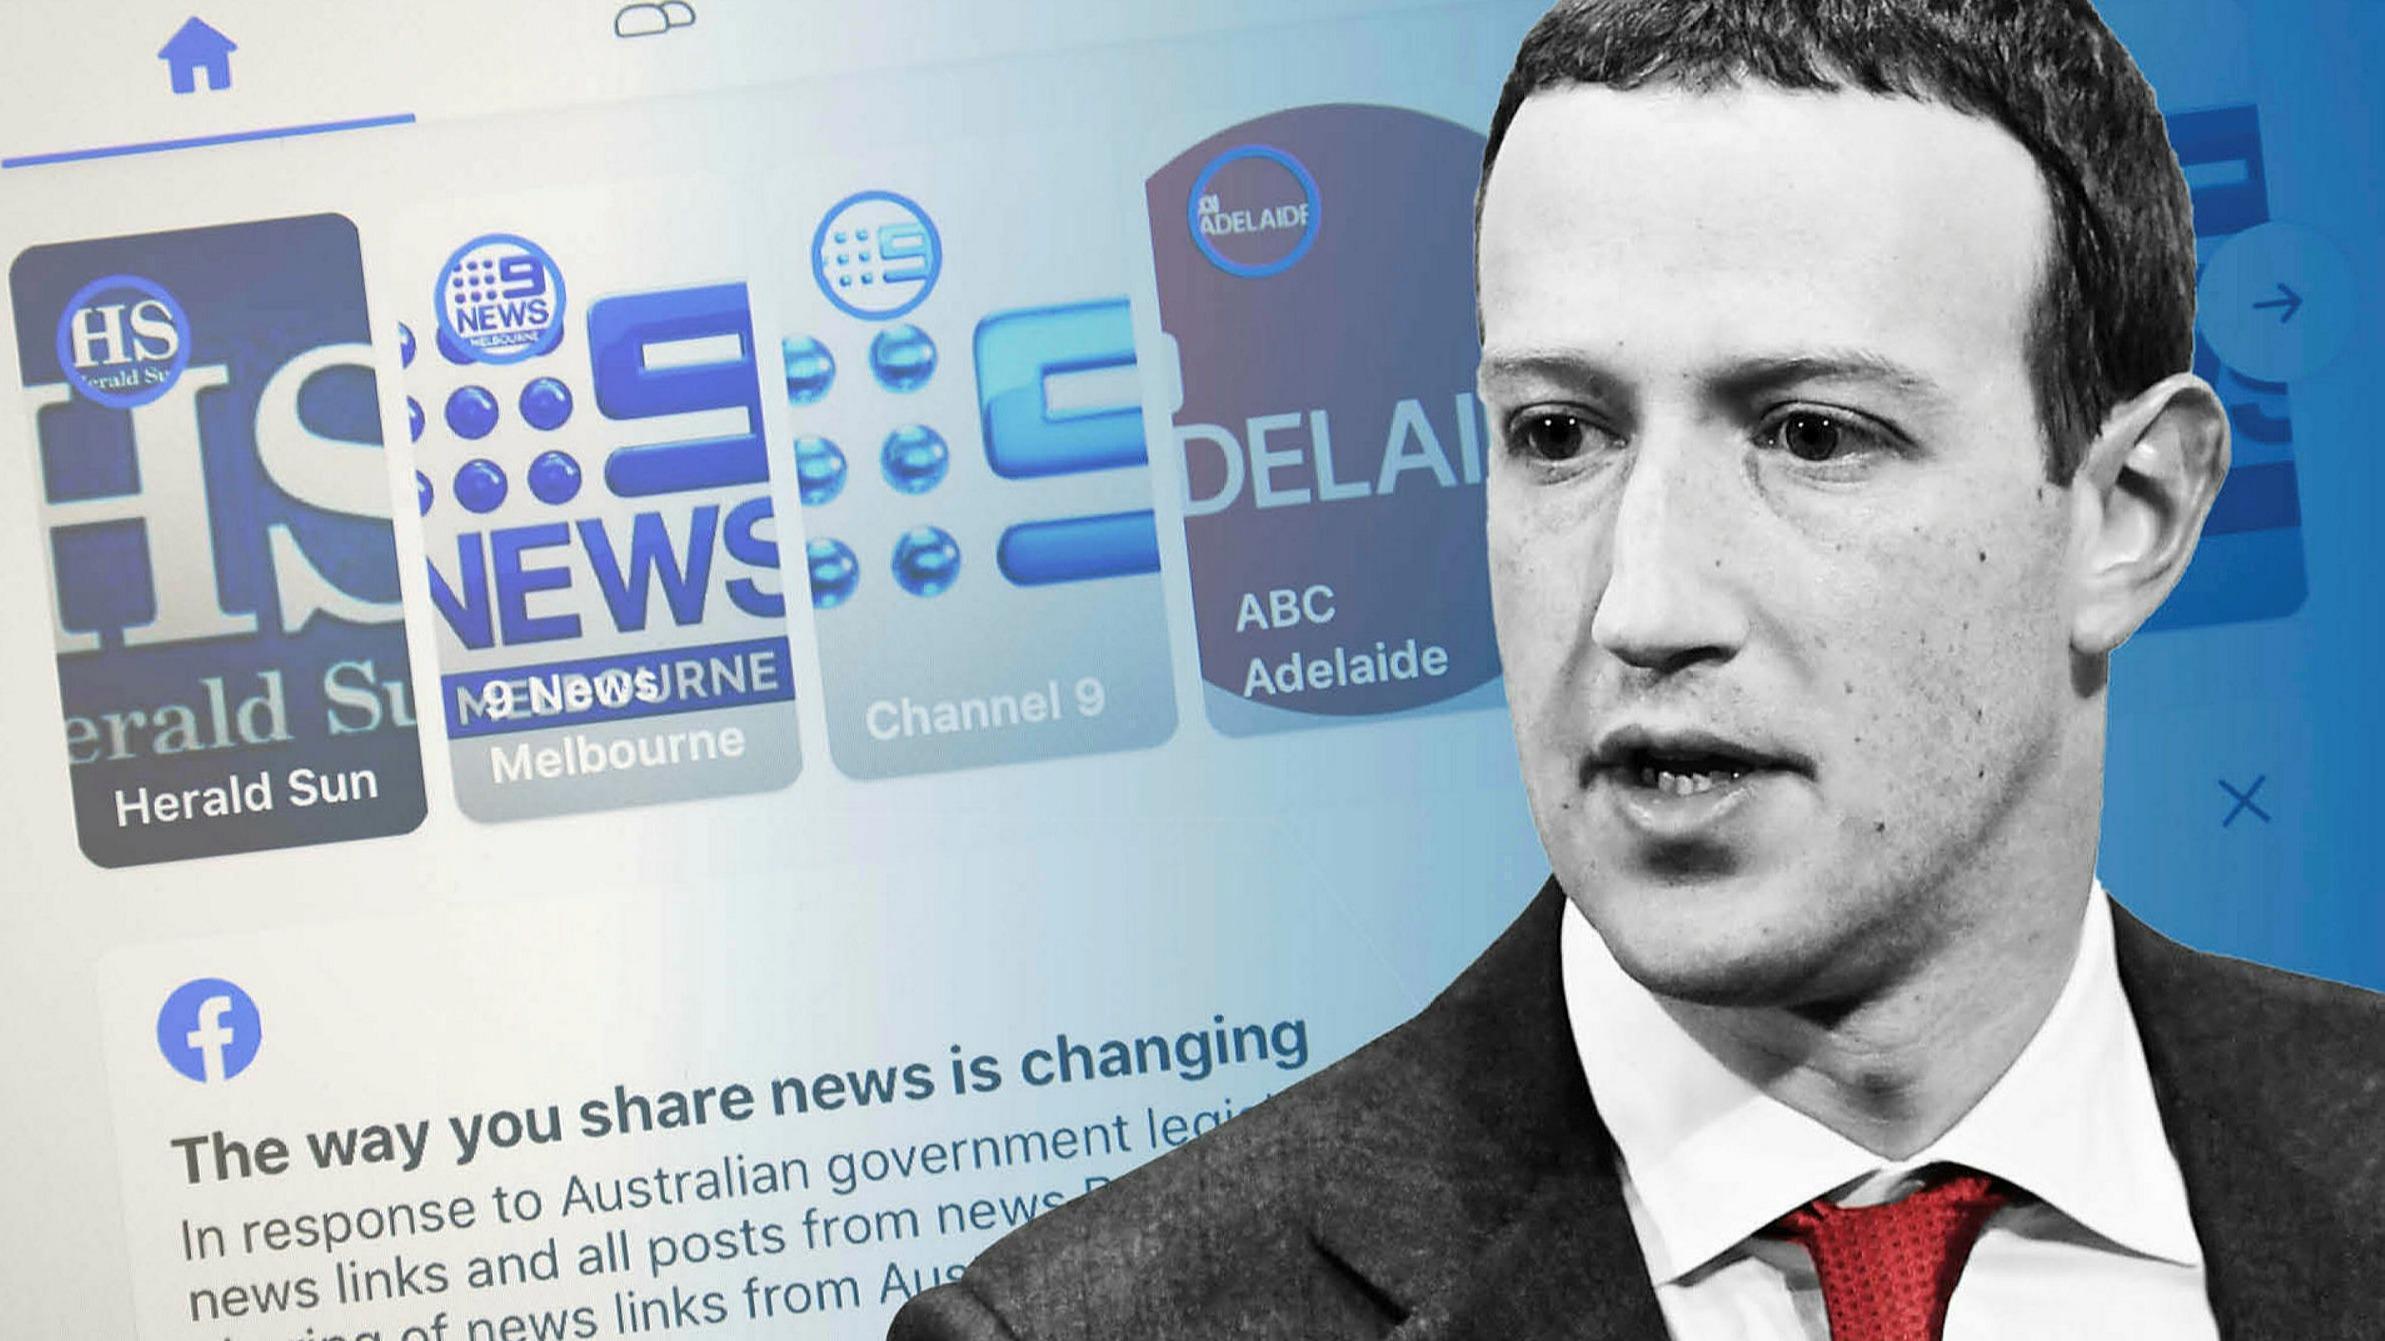 Nước Úc bắt Facebook trả tiền cho báo chí, bài học cho Việt Nam